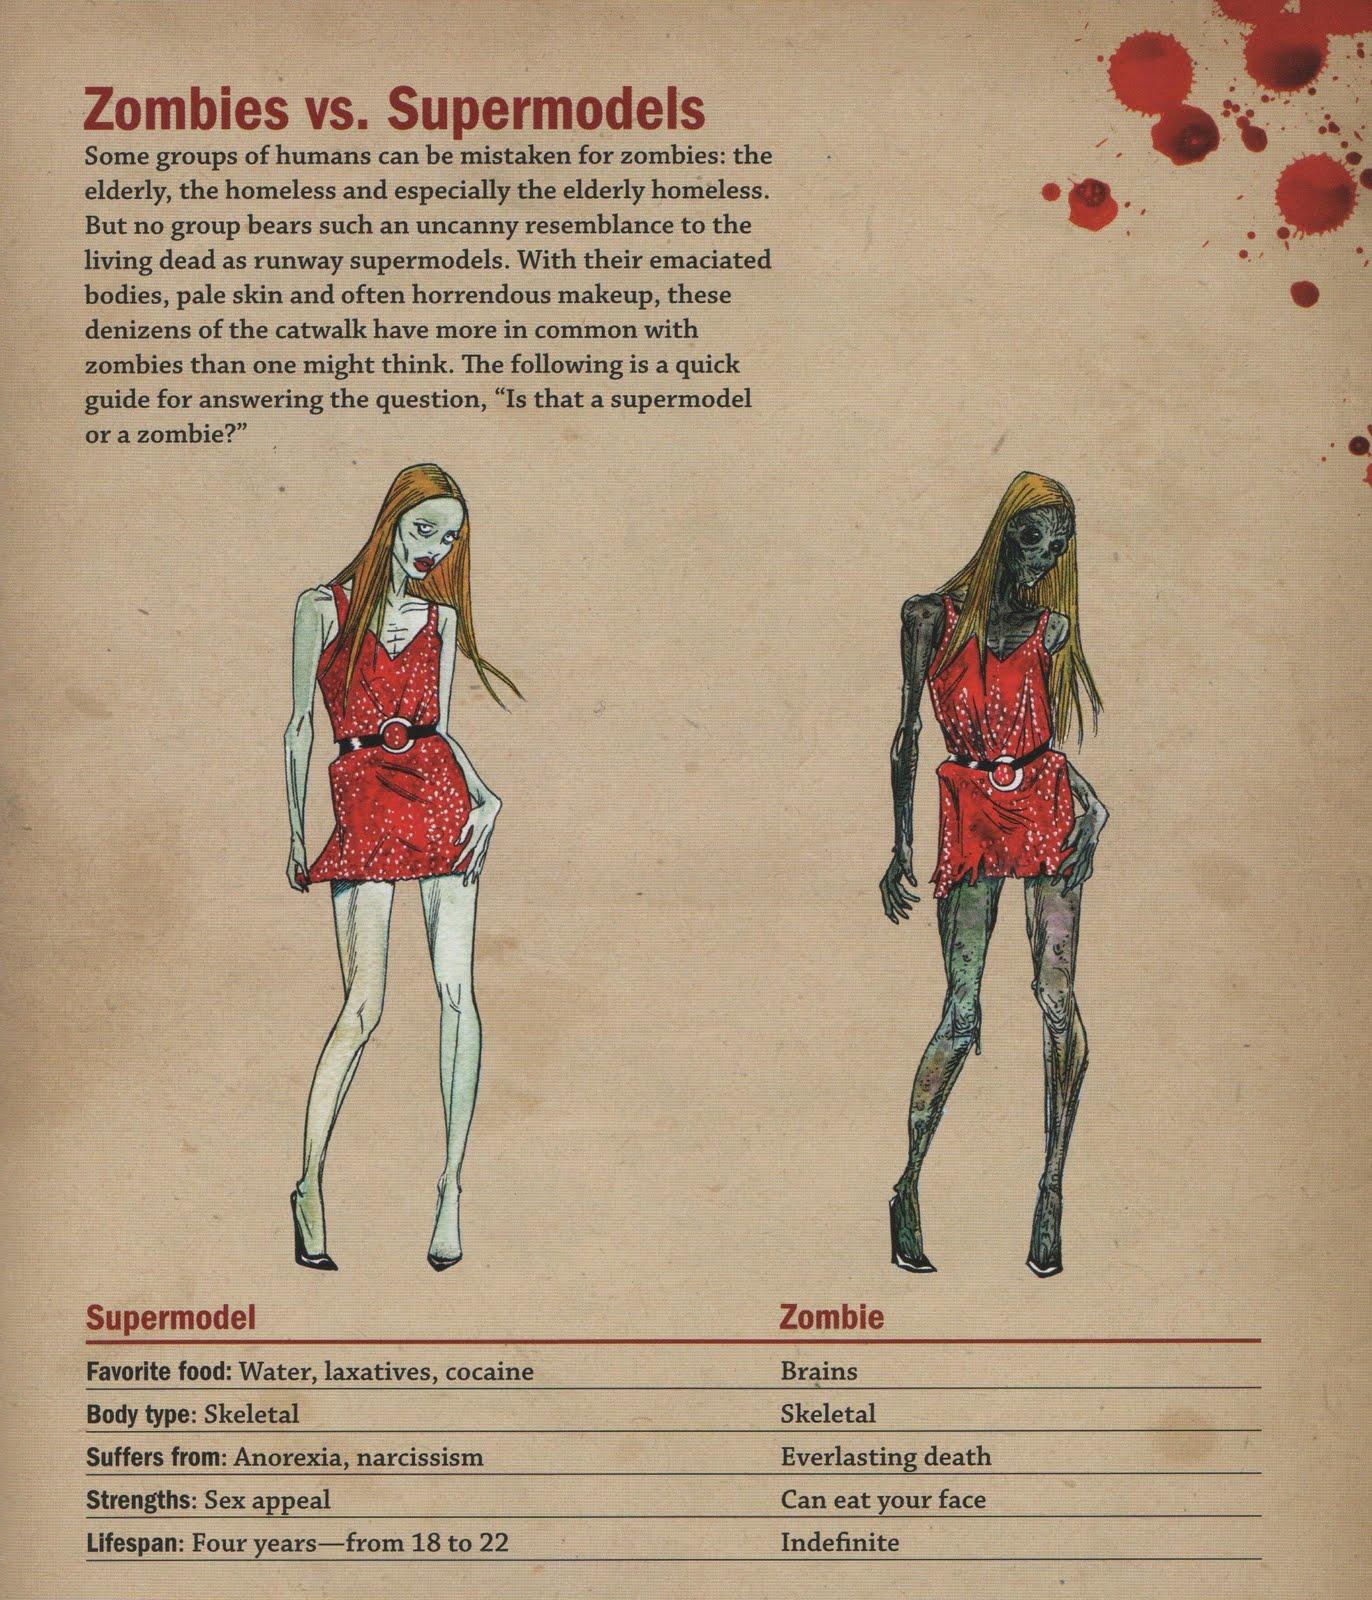 Zombie or Supermodel?